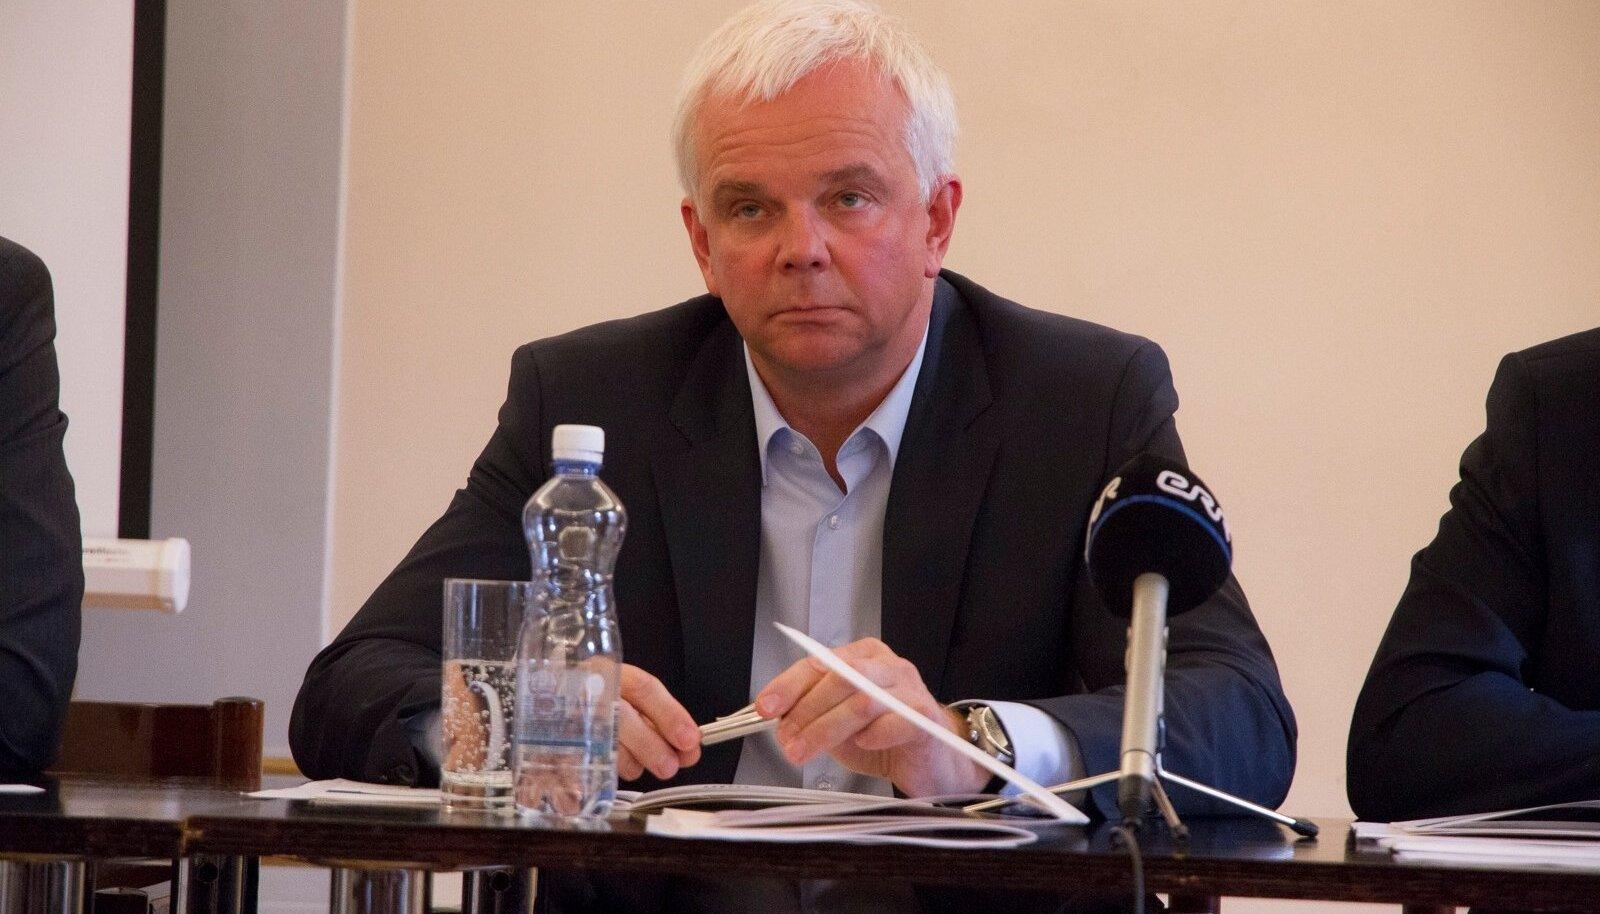 Suurärimees Jüri Käo sõnul tuleks esmajärjekorras tegeleda kvalifitseeritud tööjõu puudusega.